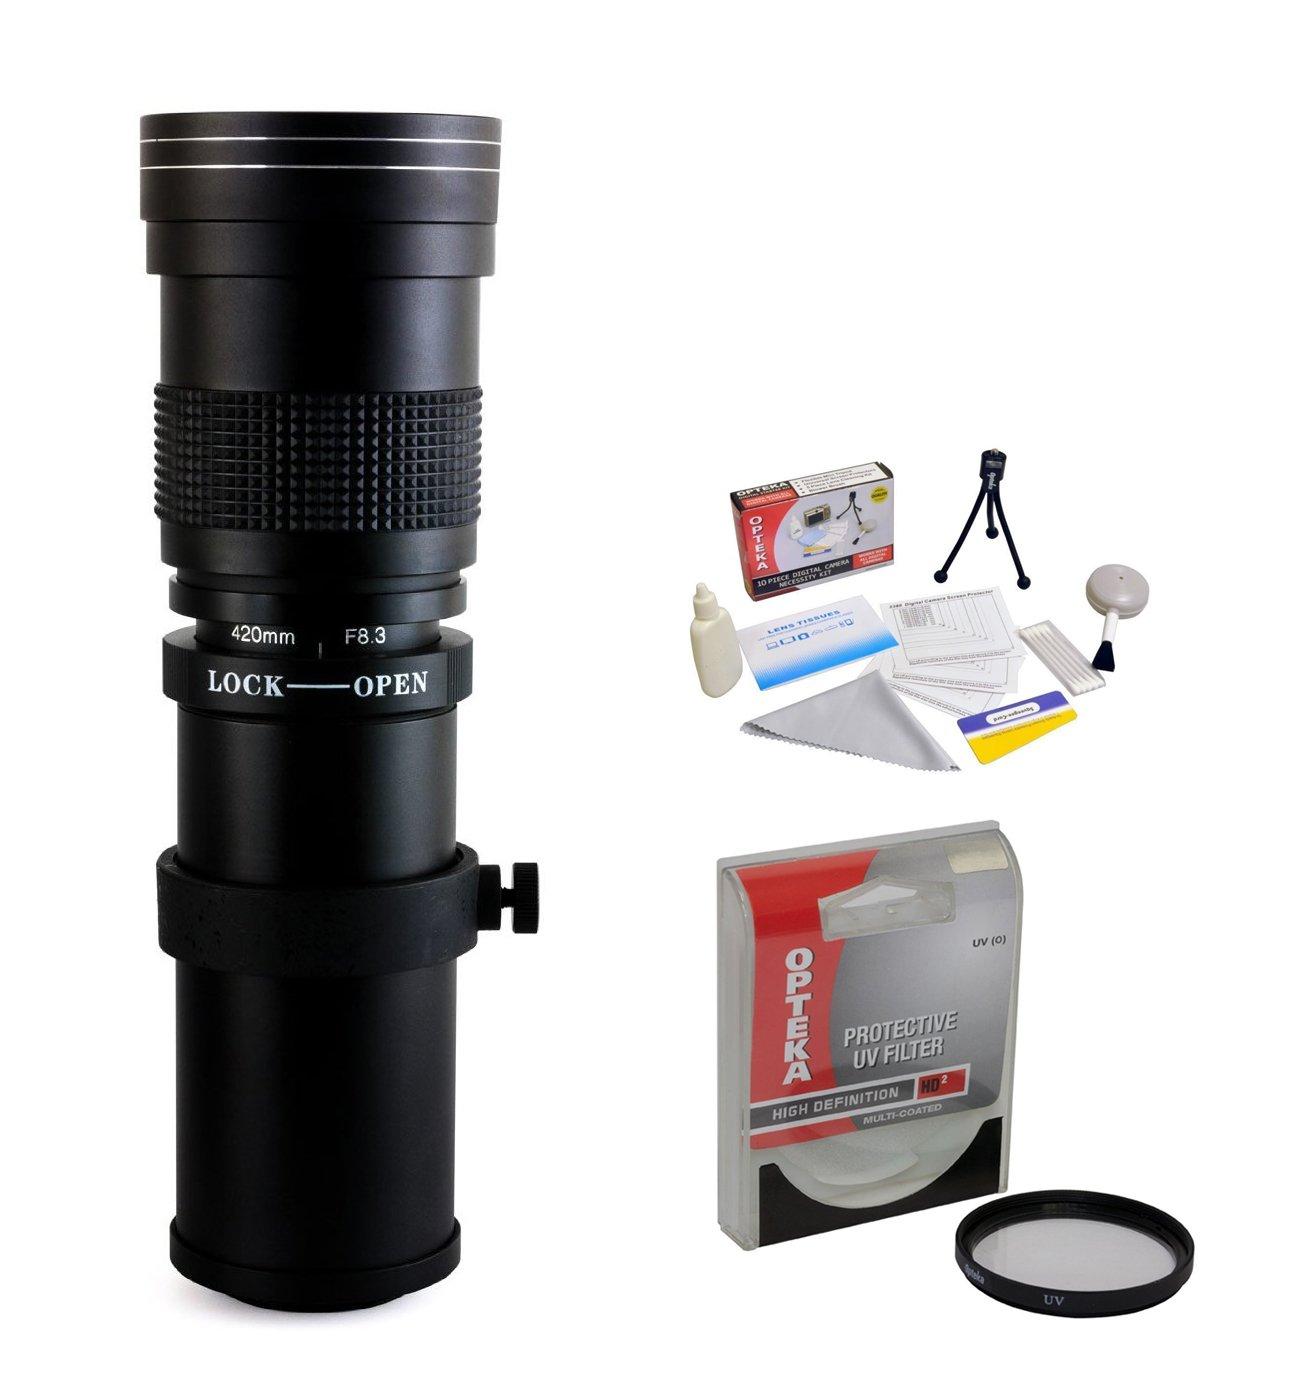 Opteka 420 – 800 mm f / 8.3 HD望遠ズームレンズUVフィルタ付きCanon eos-m m100、m10、m5、m6 m3コンパクトデジタルミラーレスカメラ   B00OJD5H16